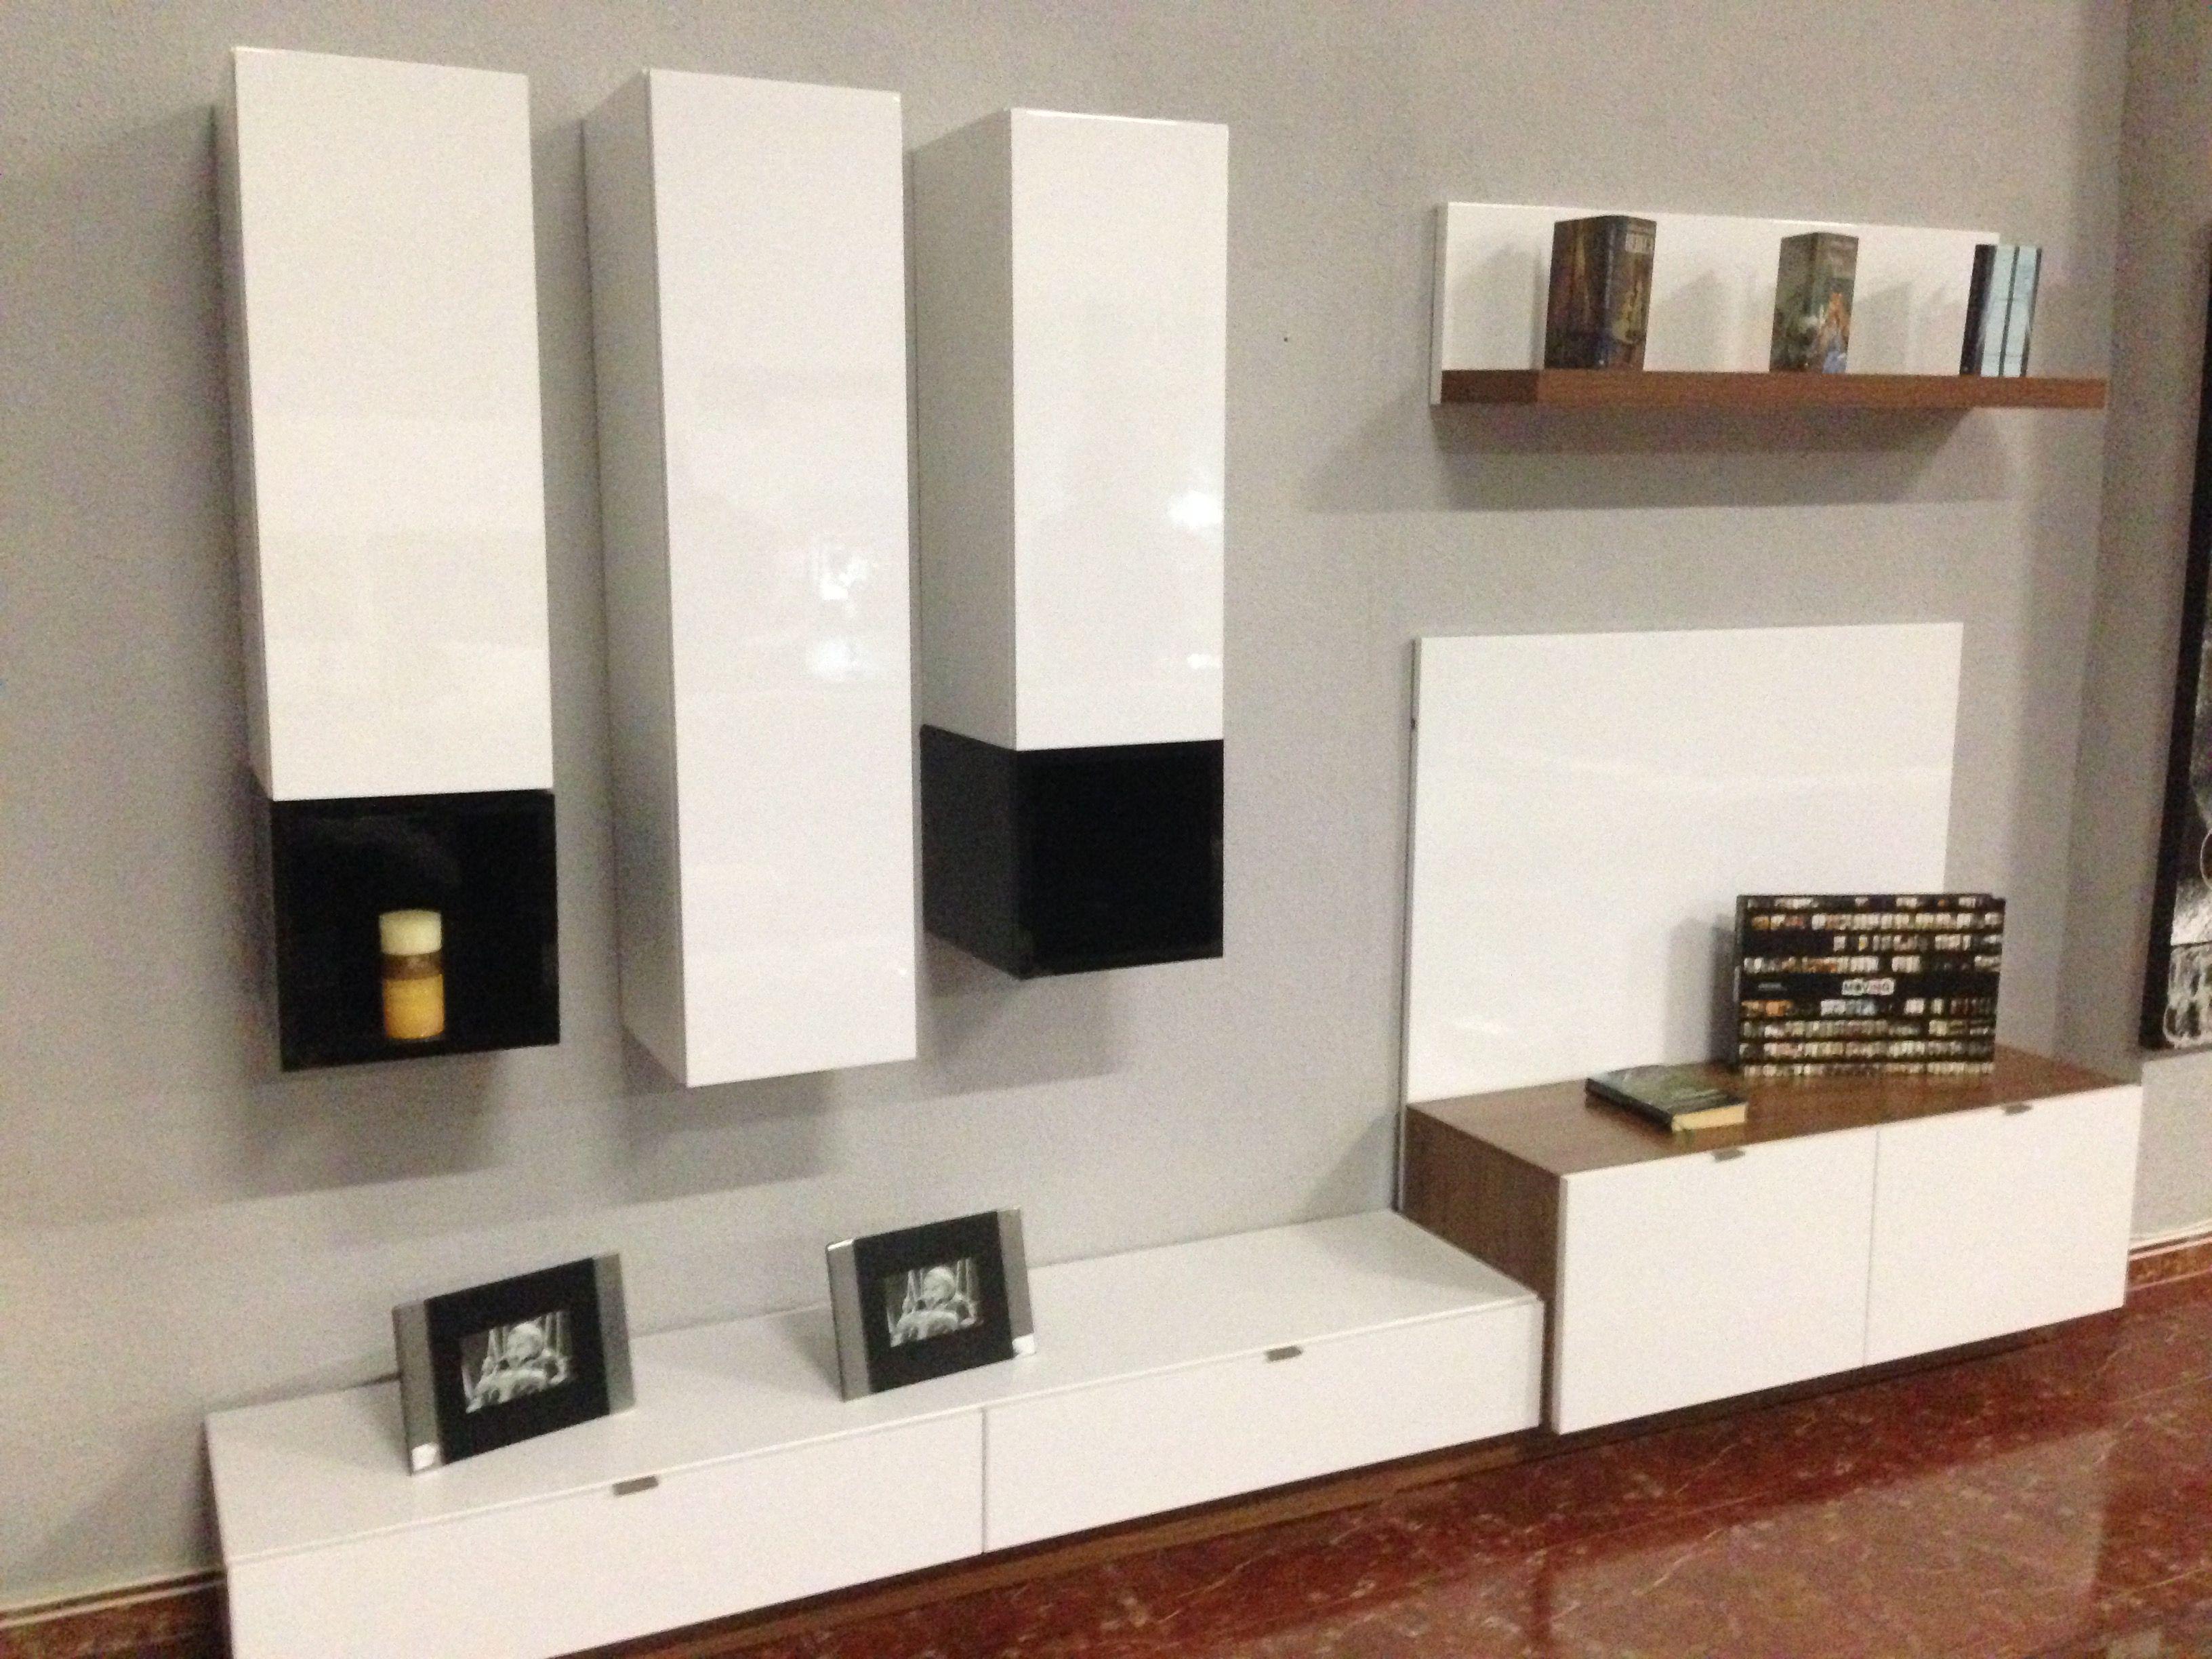 Muebles La Gineta Albacete Gallery Of Excellent Fabricas De  # Muebles Gineta Albacete